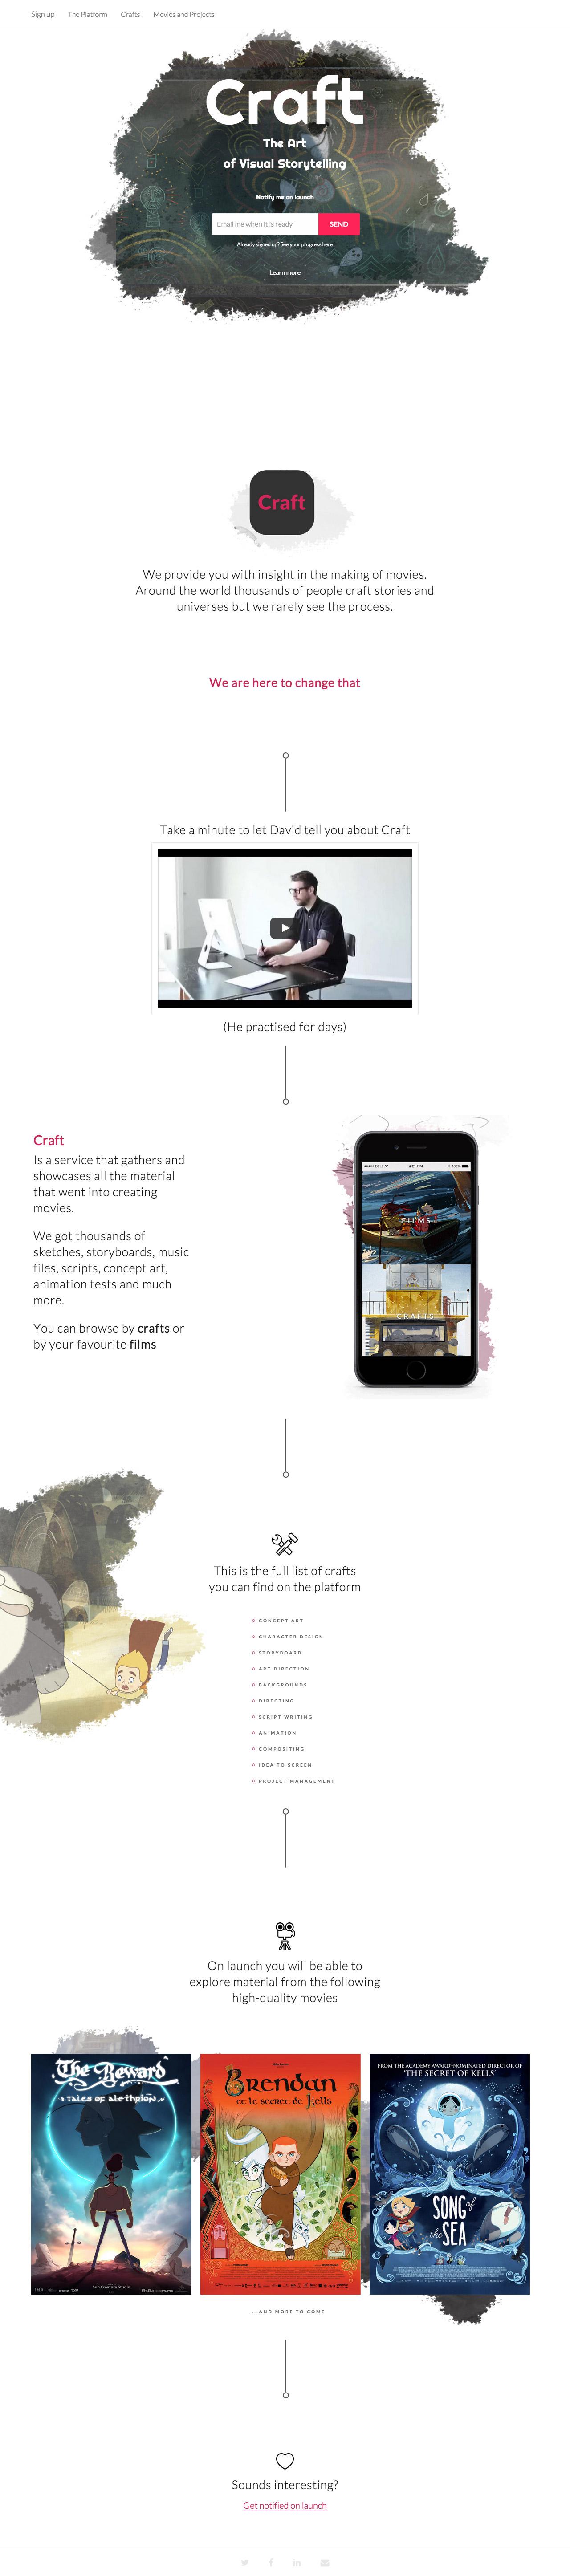 Craft Website Screenshot